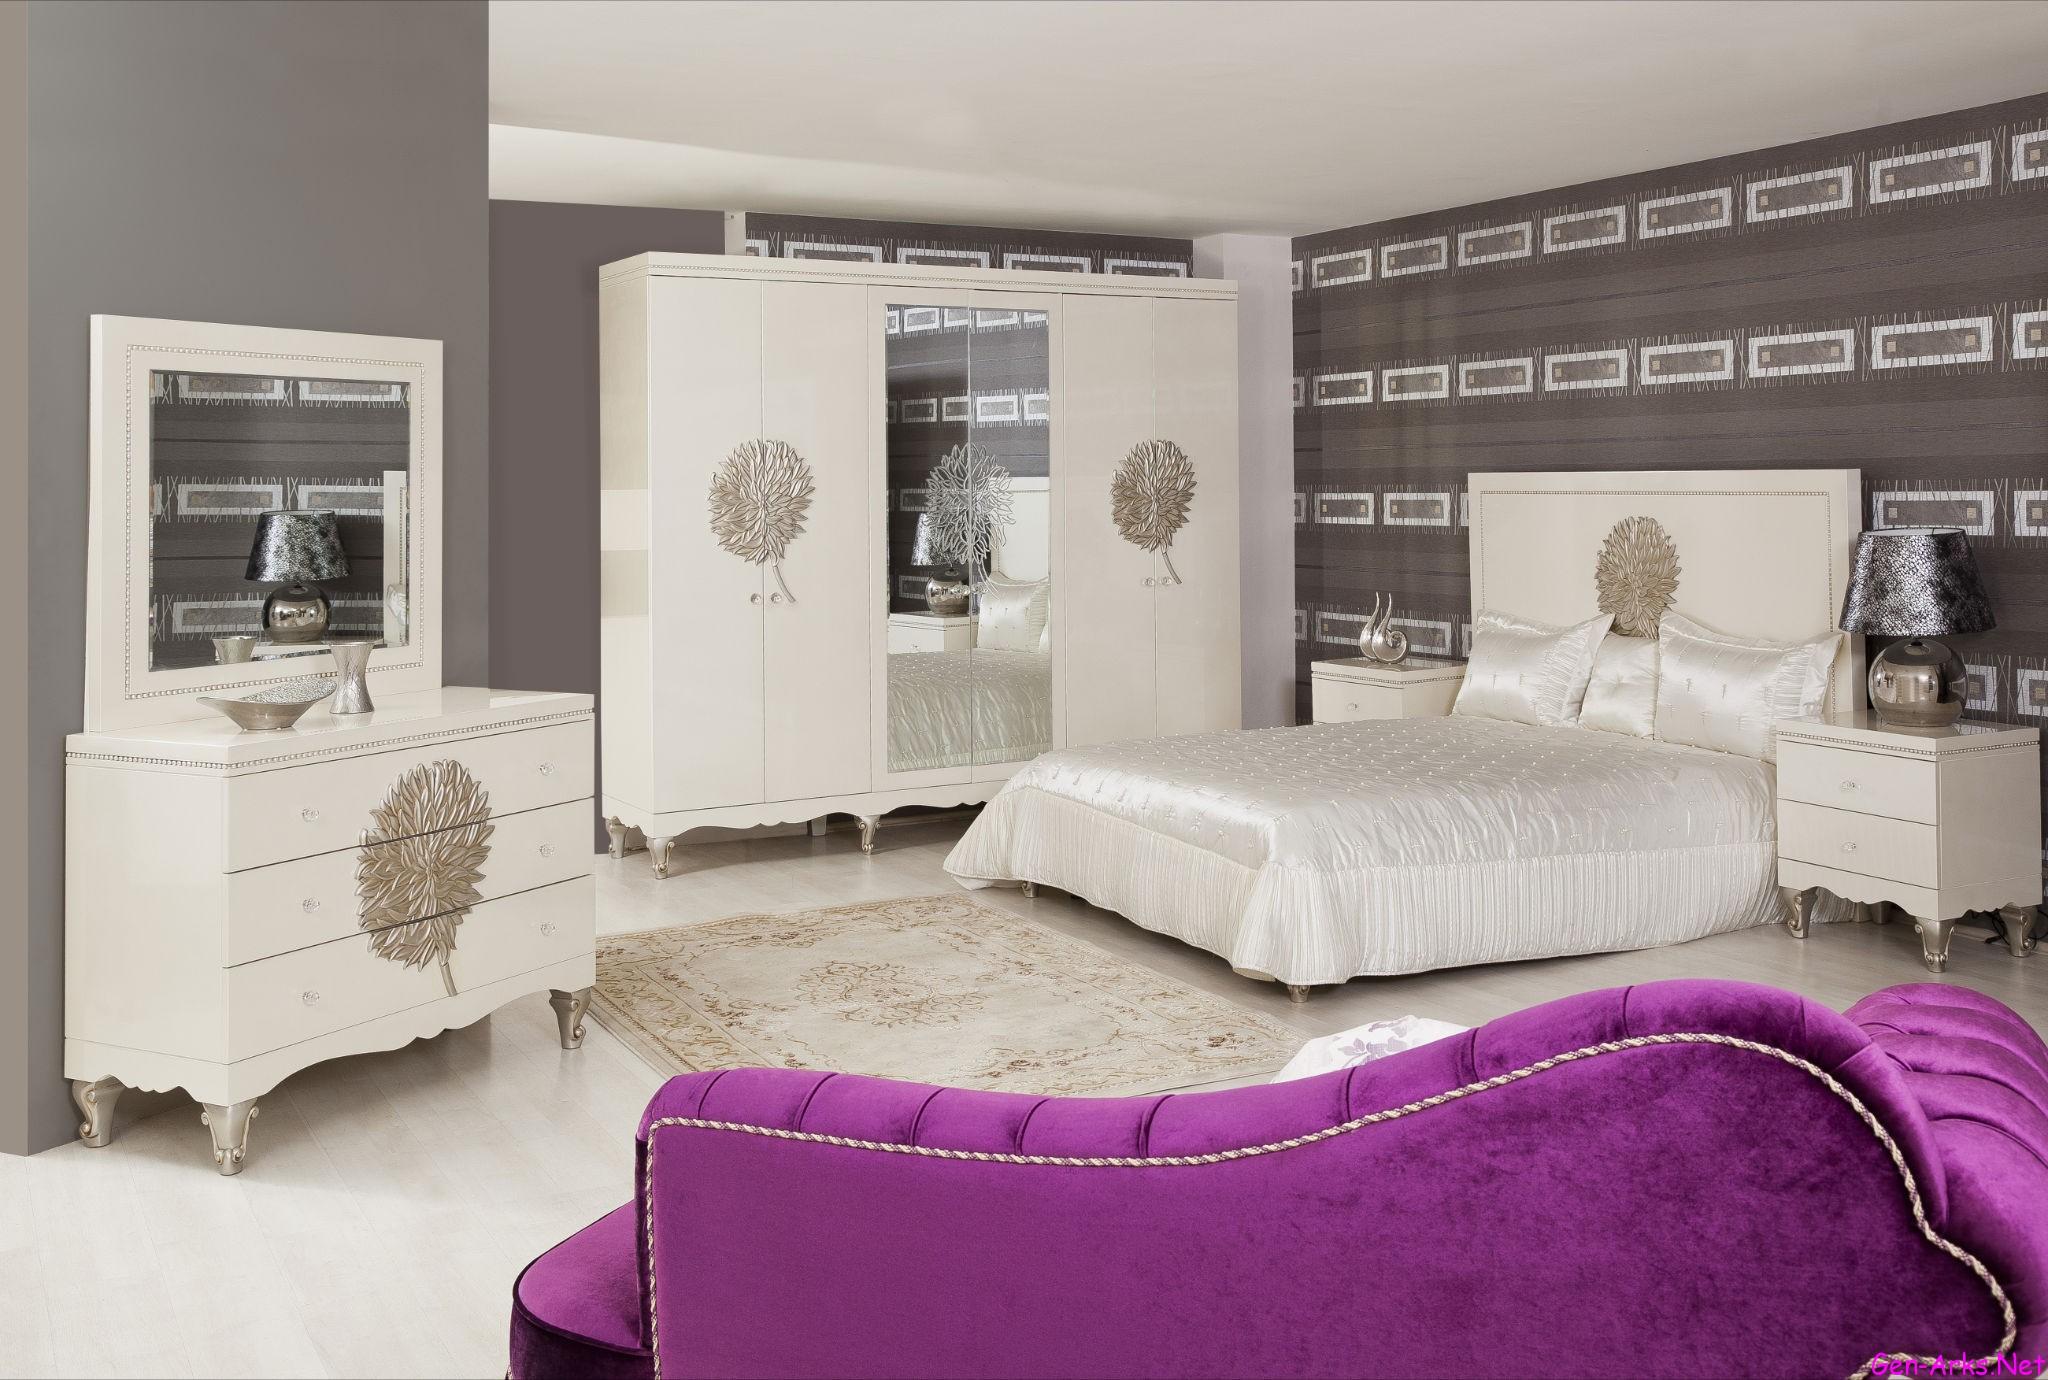 popular-2014-yatak-odasi-takimlari-3-yatak-odasi-detoksu-20 yatak odası detoksu